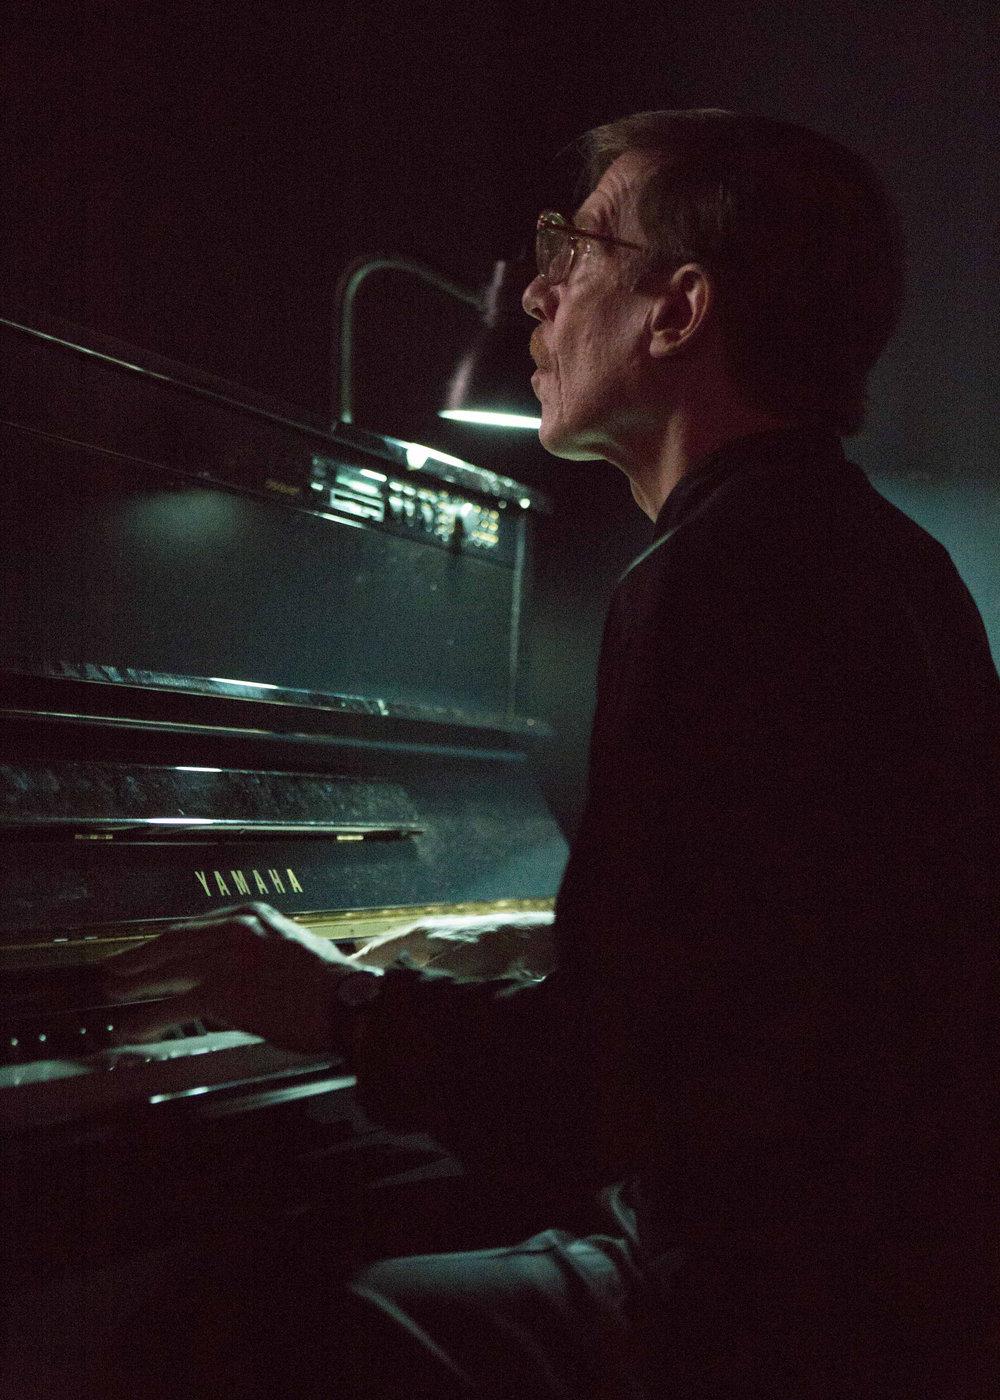 Composer Steve Sterner